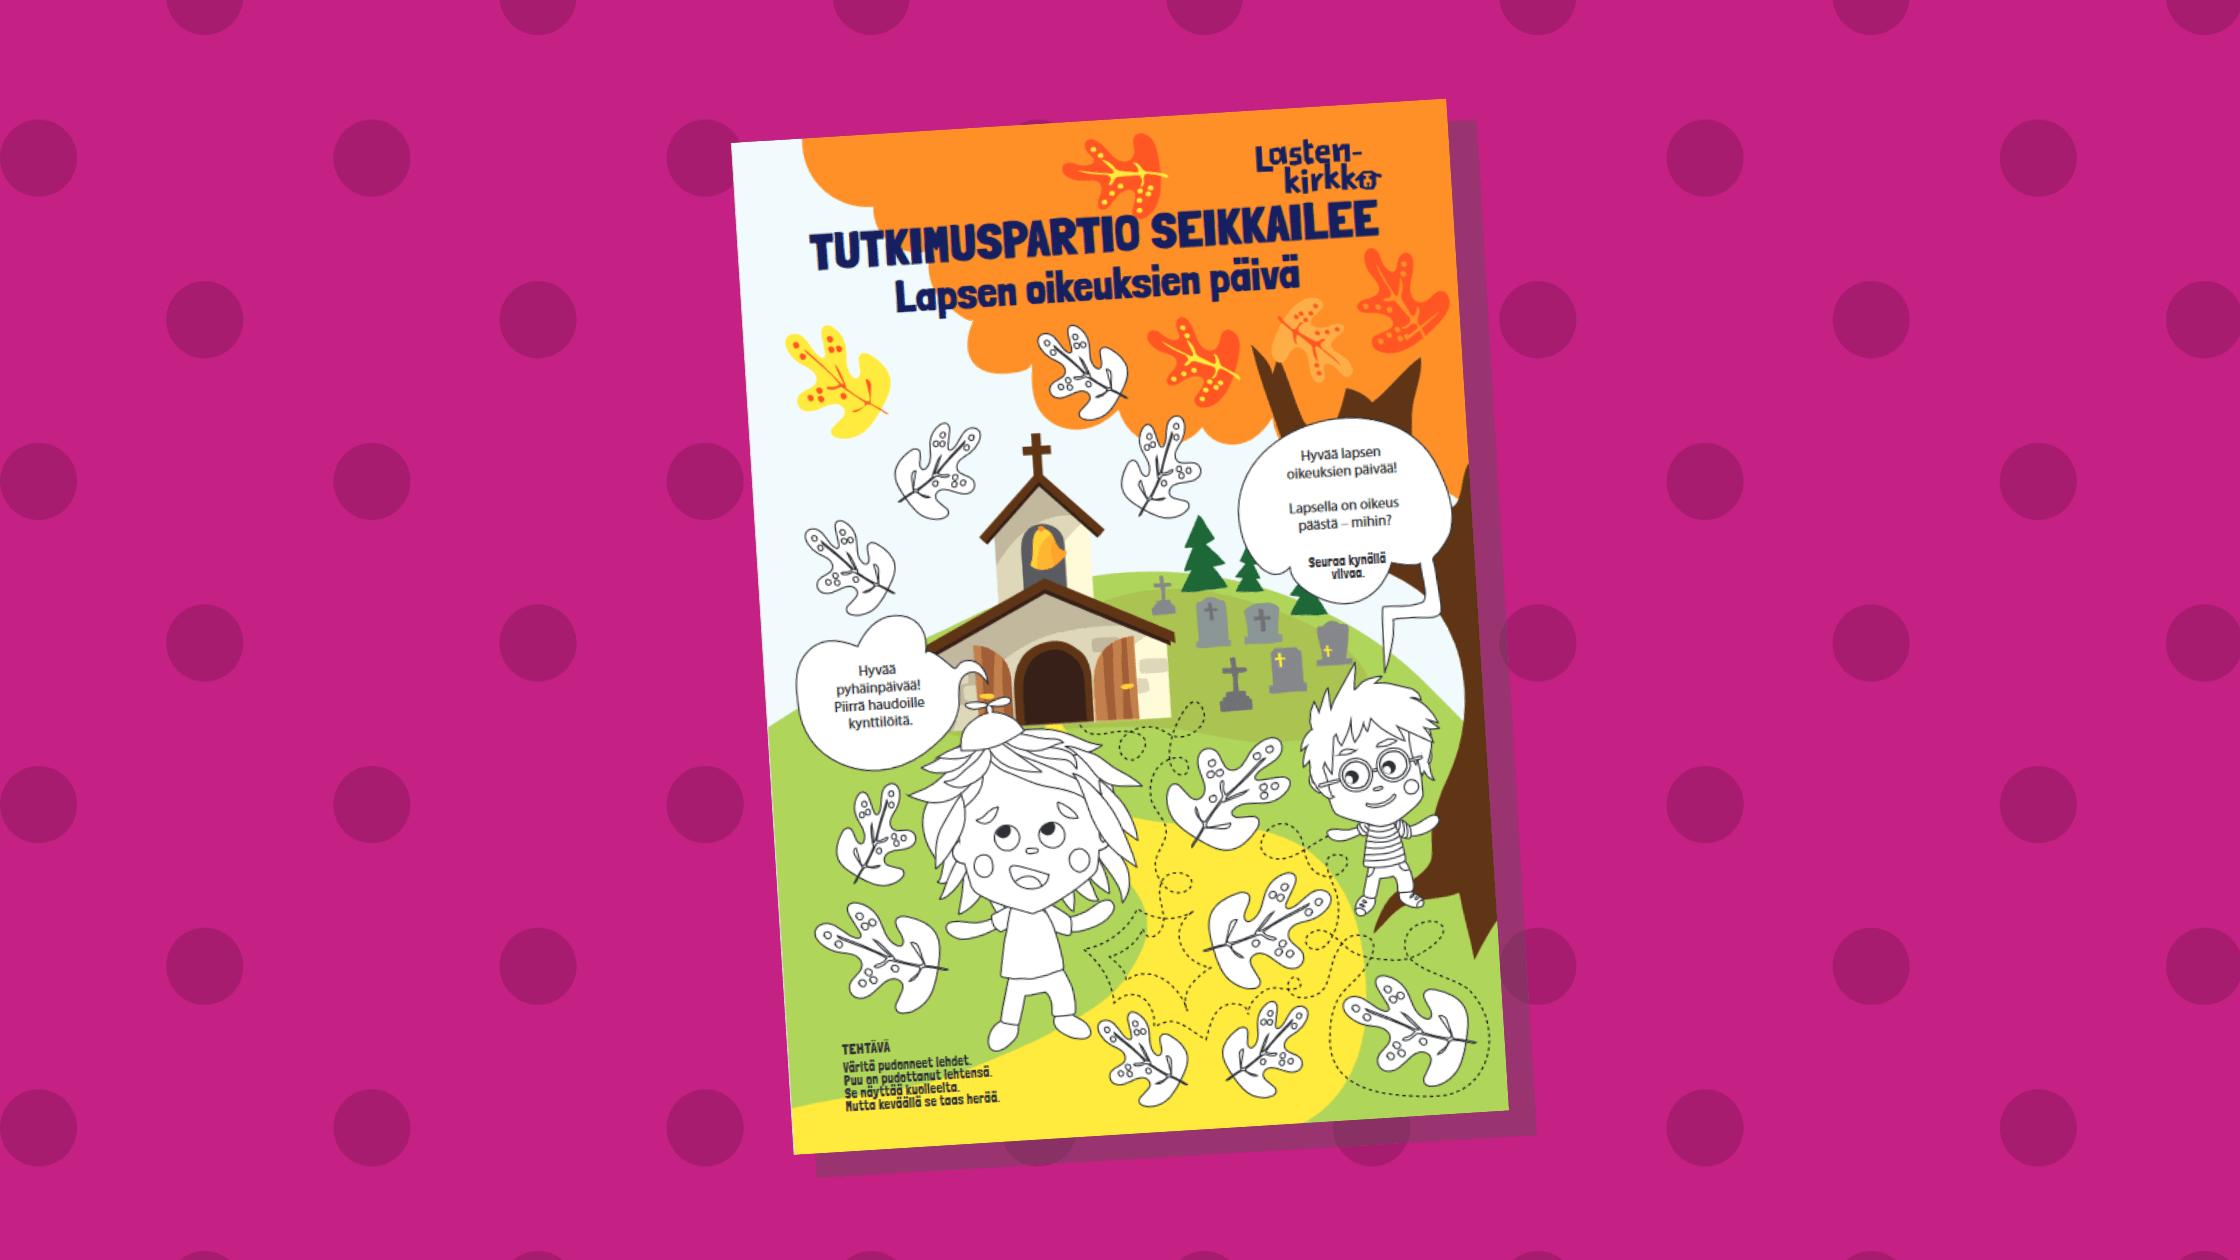 Lehden kannessa on piirustus lapsista leikkimässä puun lehdillä. Taustalla on syysmaisema.